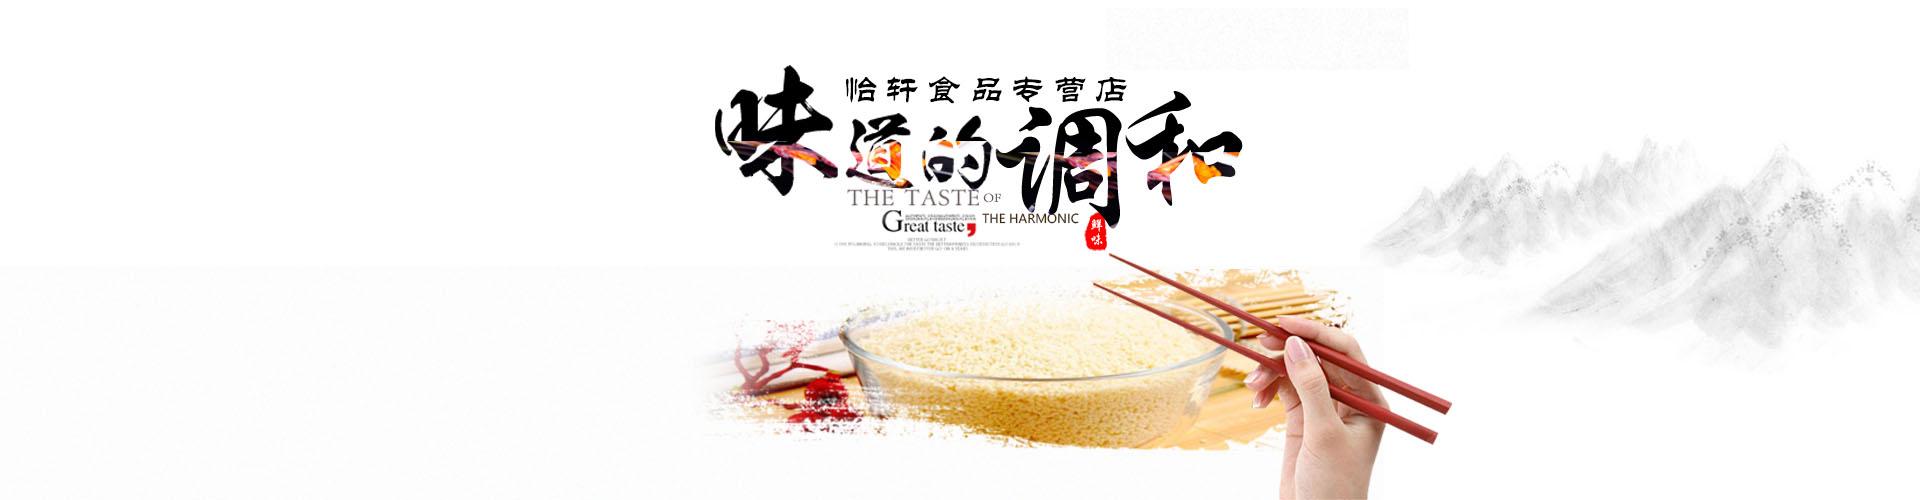 豆瓣酱产业平台推荐企业:怡轩食品